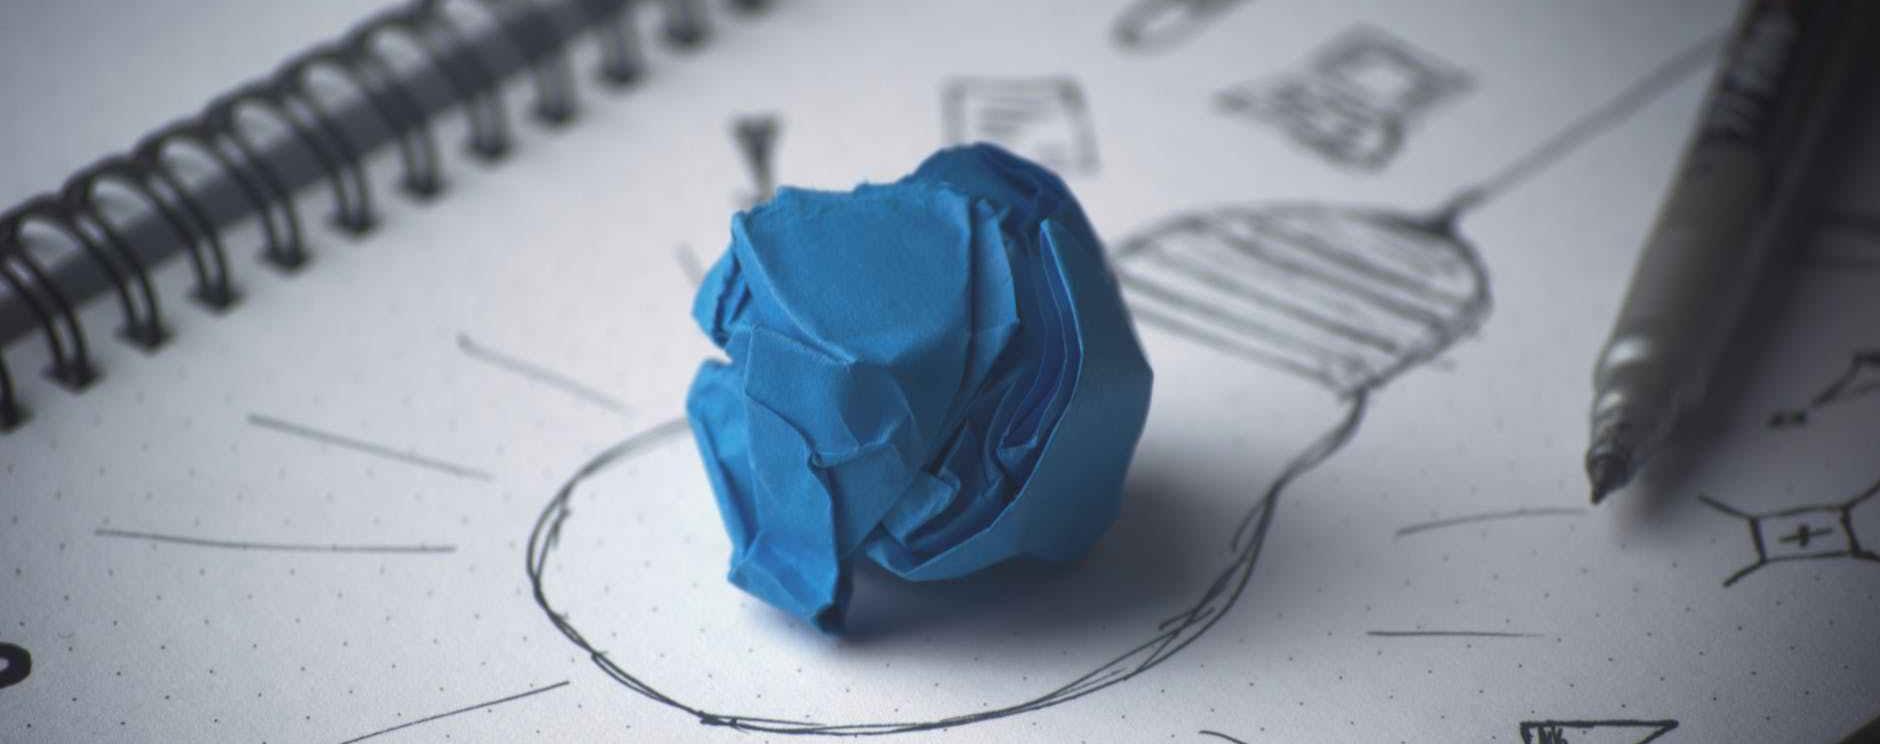 idea bulb paper sketch